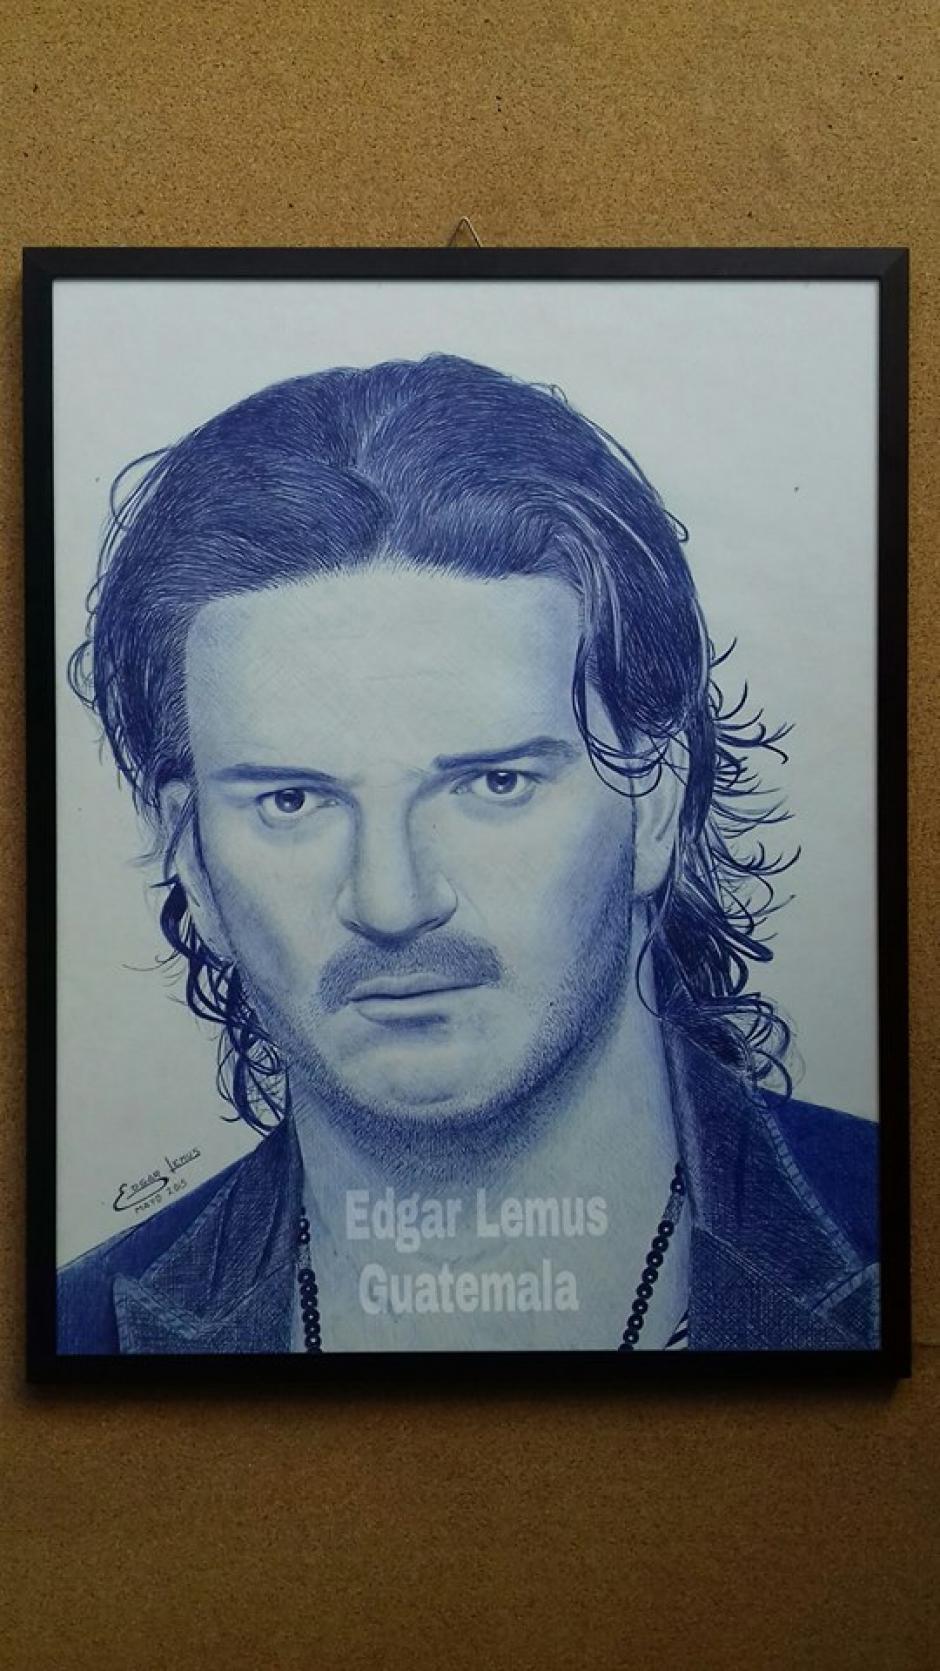 Edgar Lemus espera un día no muy lejano entregar personalmente su obra a Ricardo Arjona. (Foto: Edgar Lemus)